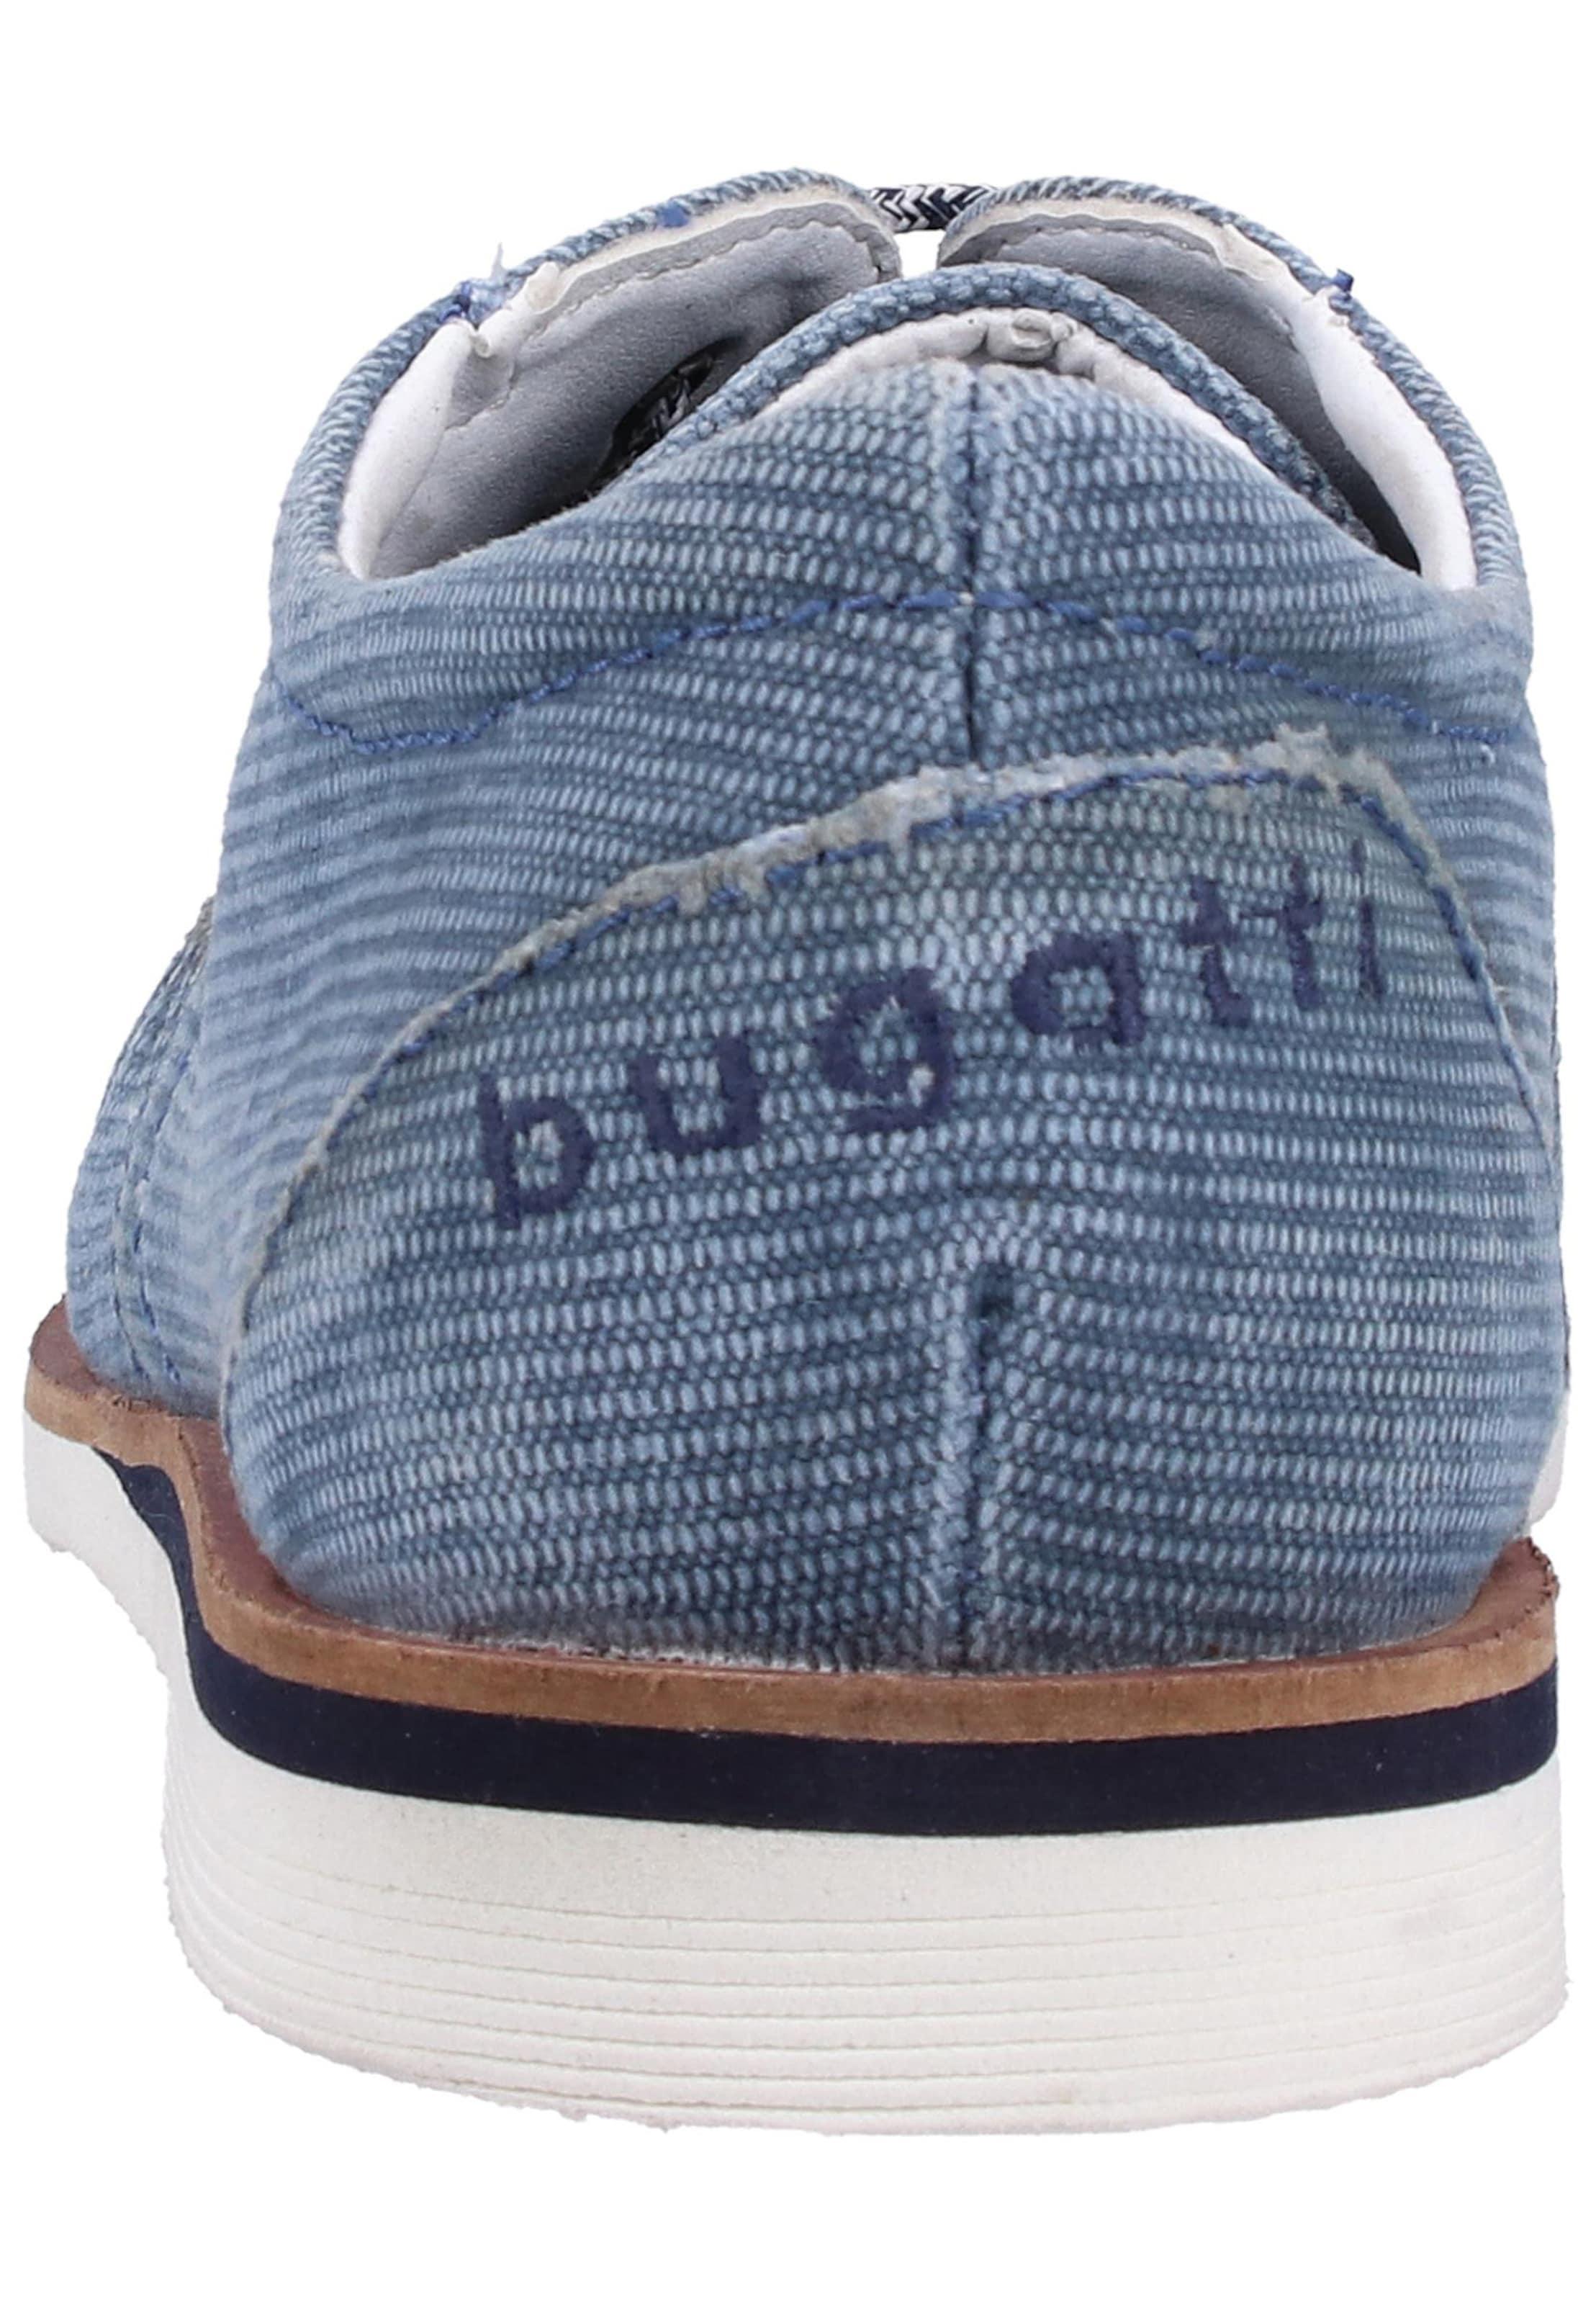 Chaussure Bugatti Bleu Clair Lacets En À hCxtsrdQ